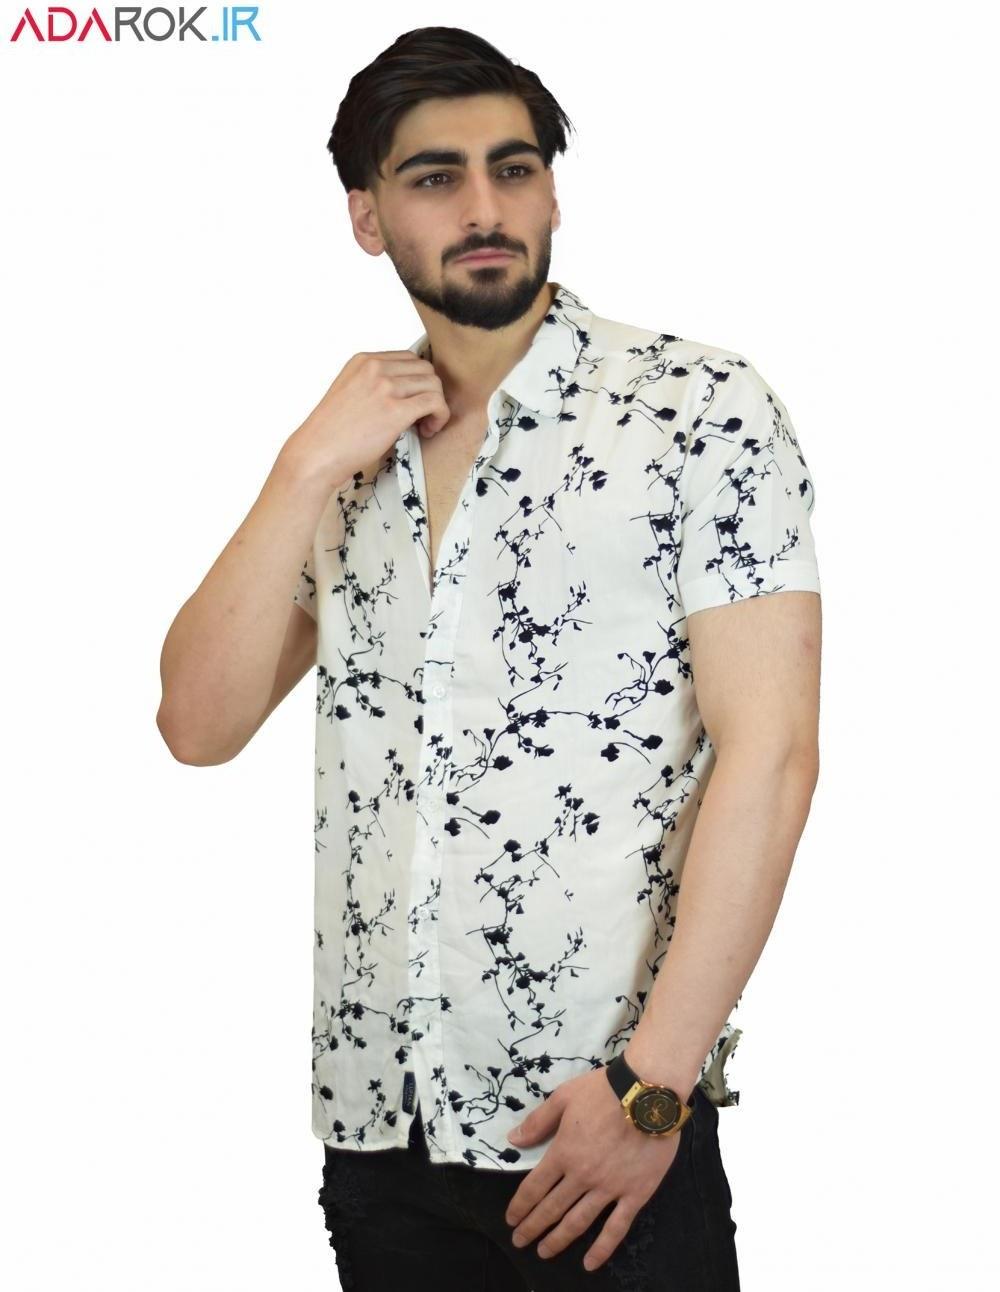 تصویر مشخصات، قیمت و خرید پیراهن هاوایی آستین کوتاه مردانه طرح گل - کد 131